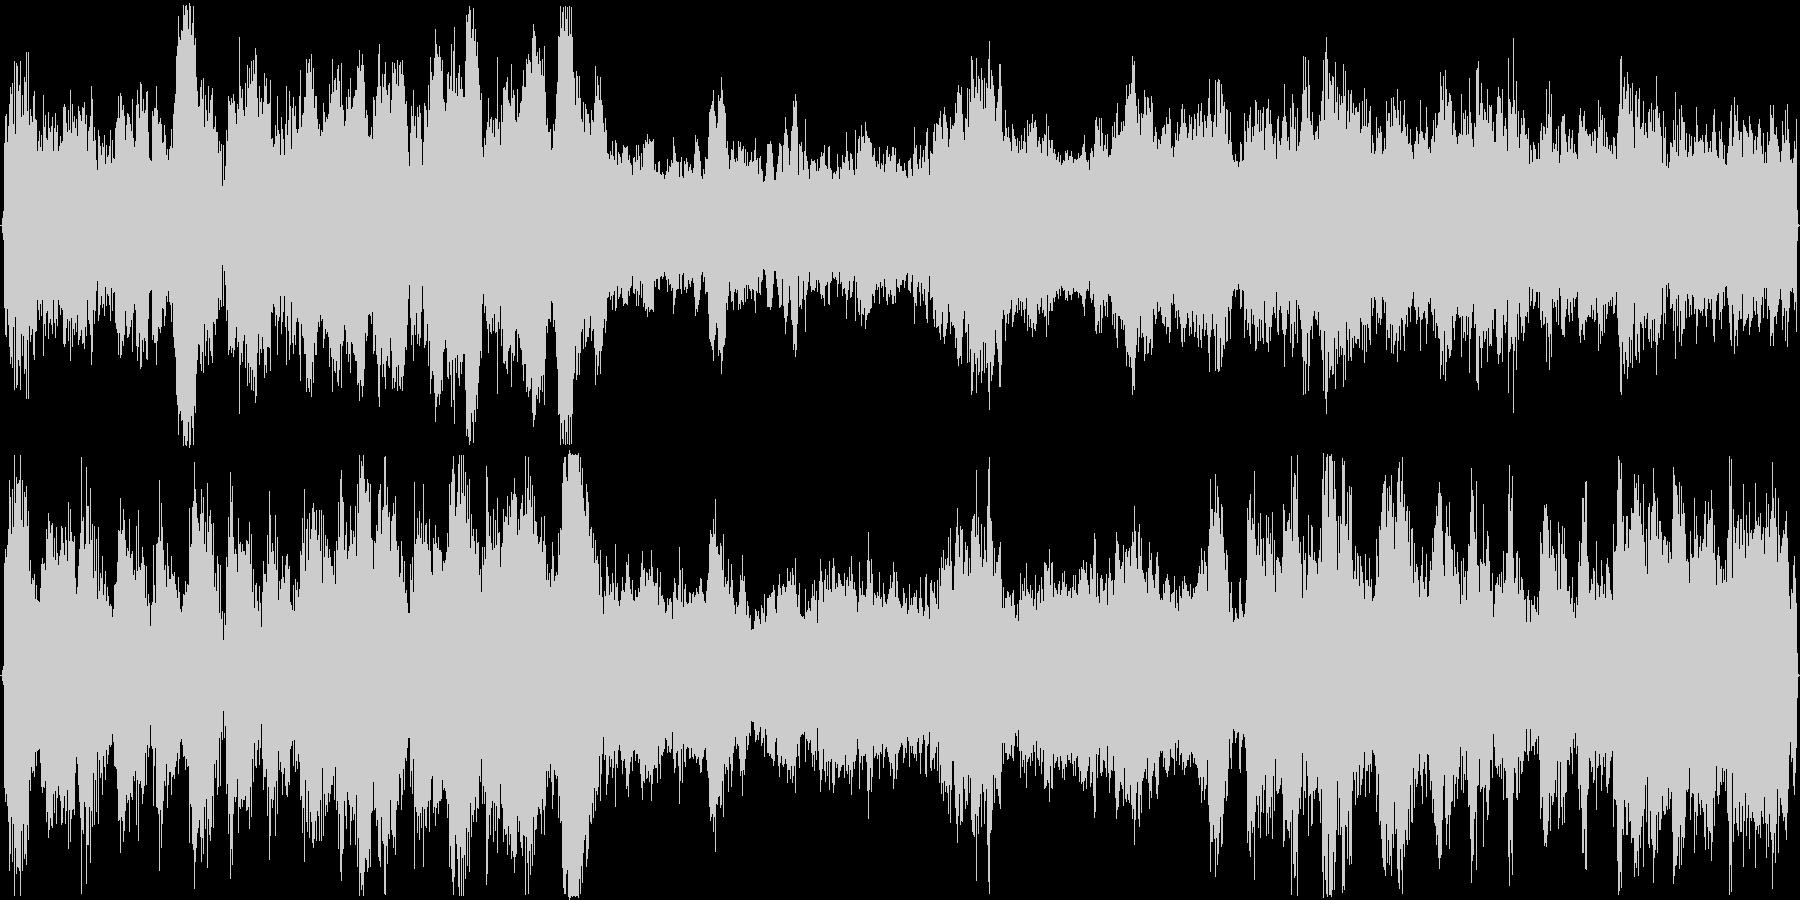 希望を感じるオーケストラ曲(ループなし)の未再生の波形